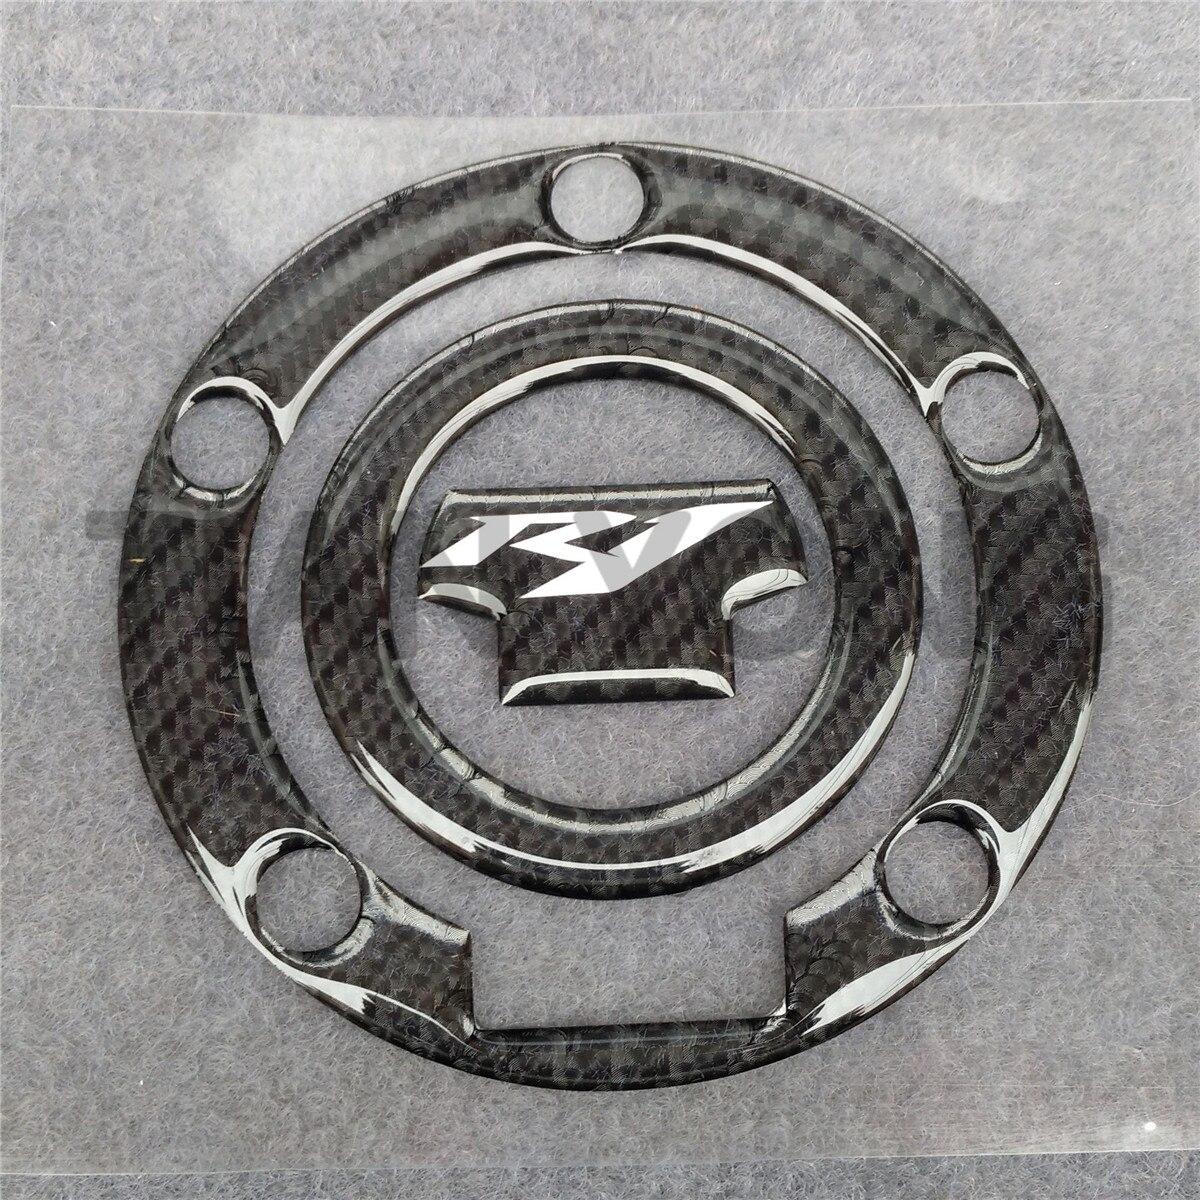 Para Yamaha YZF- R1 tanque Pad Tankpad Gas Cap Pad 3D resina de alta calidad pegatina negro carbón Brazing Protector decorativo